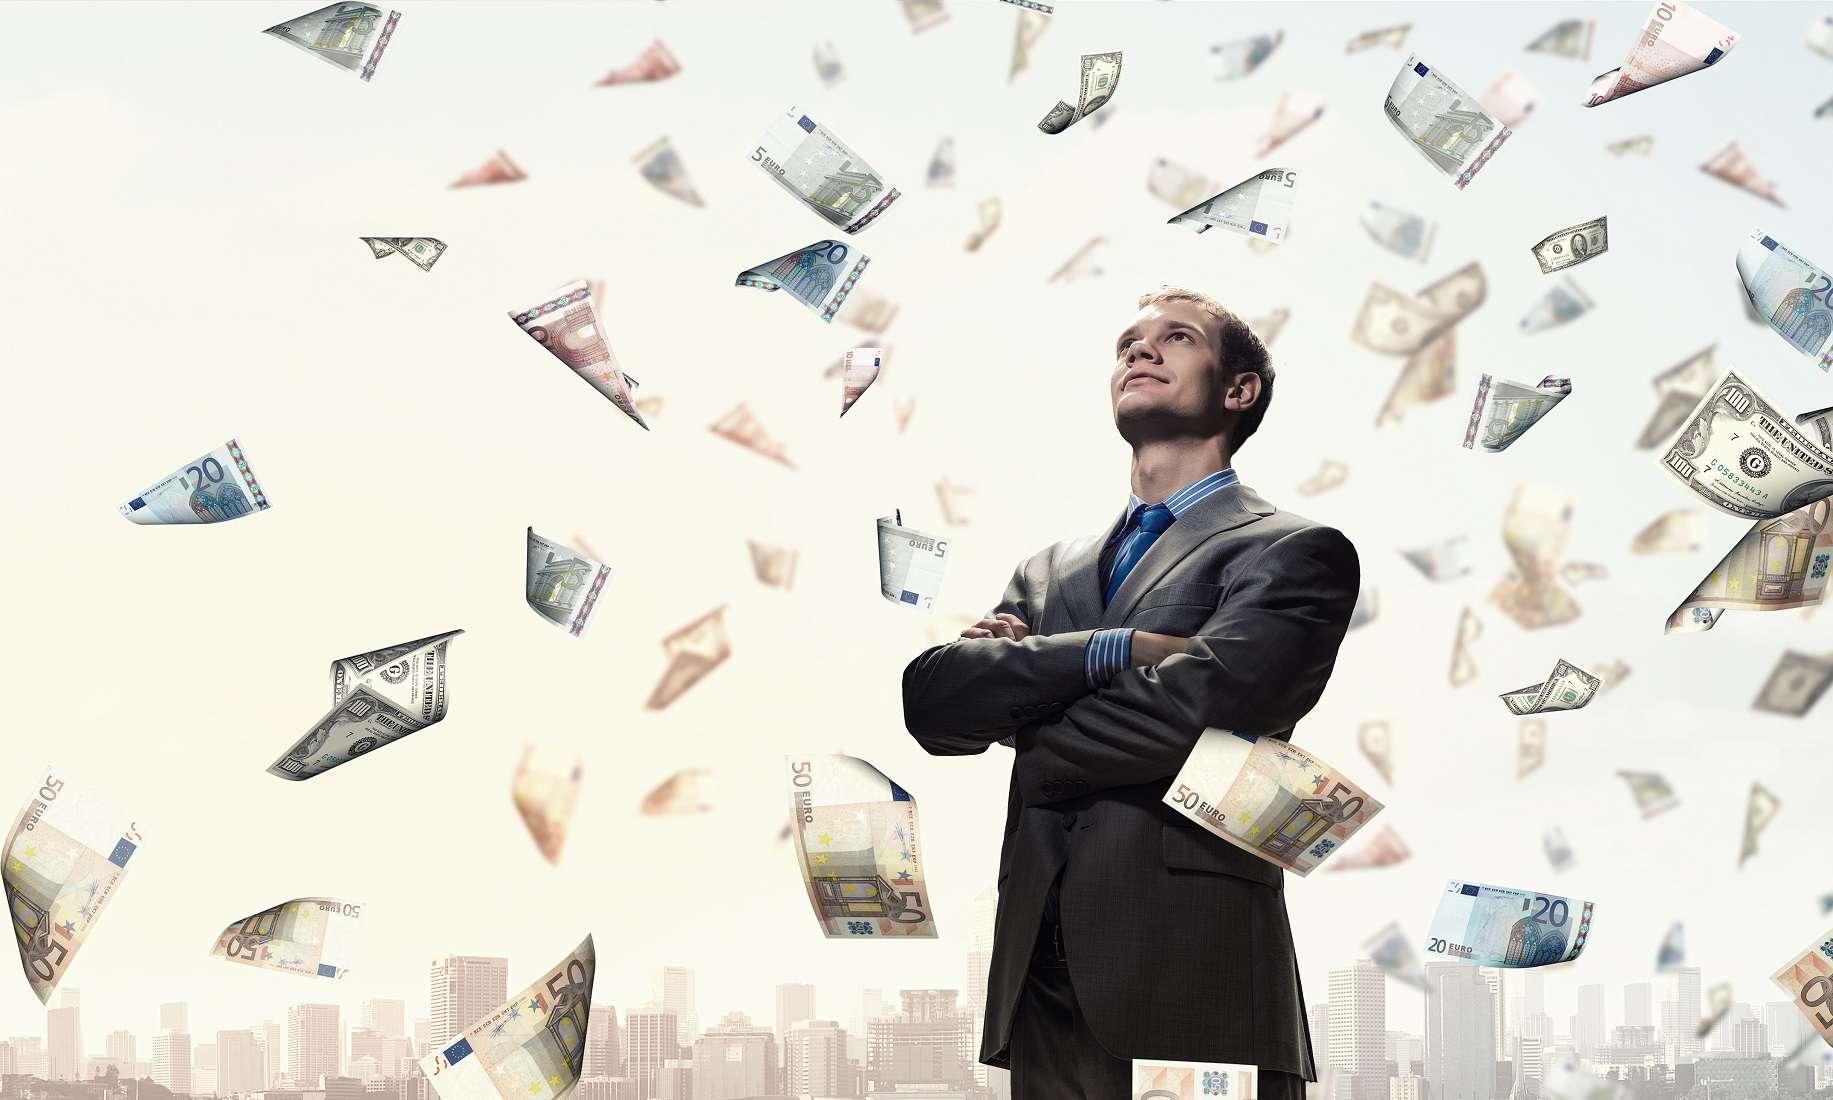 jak być bogatym